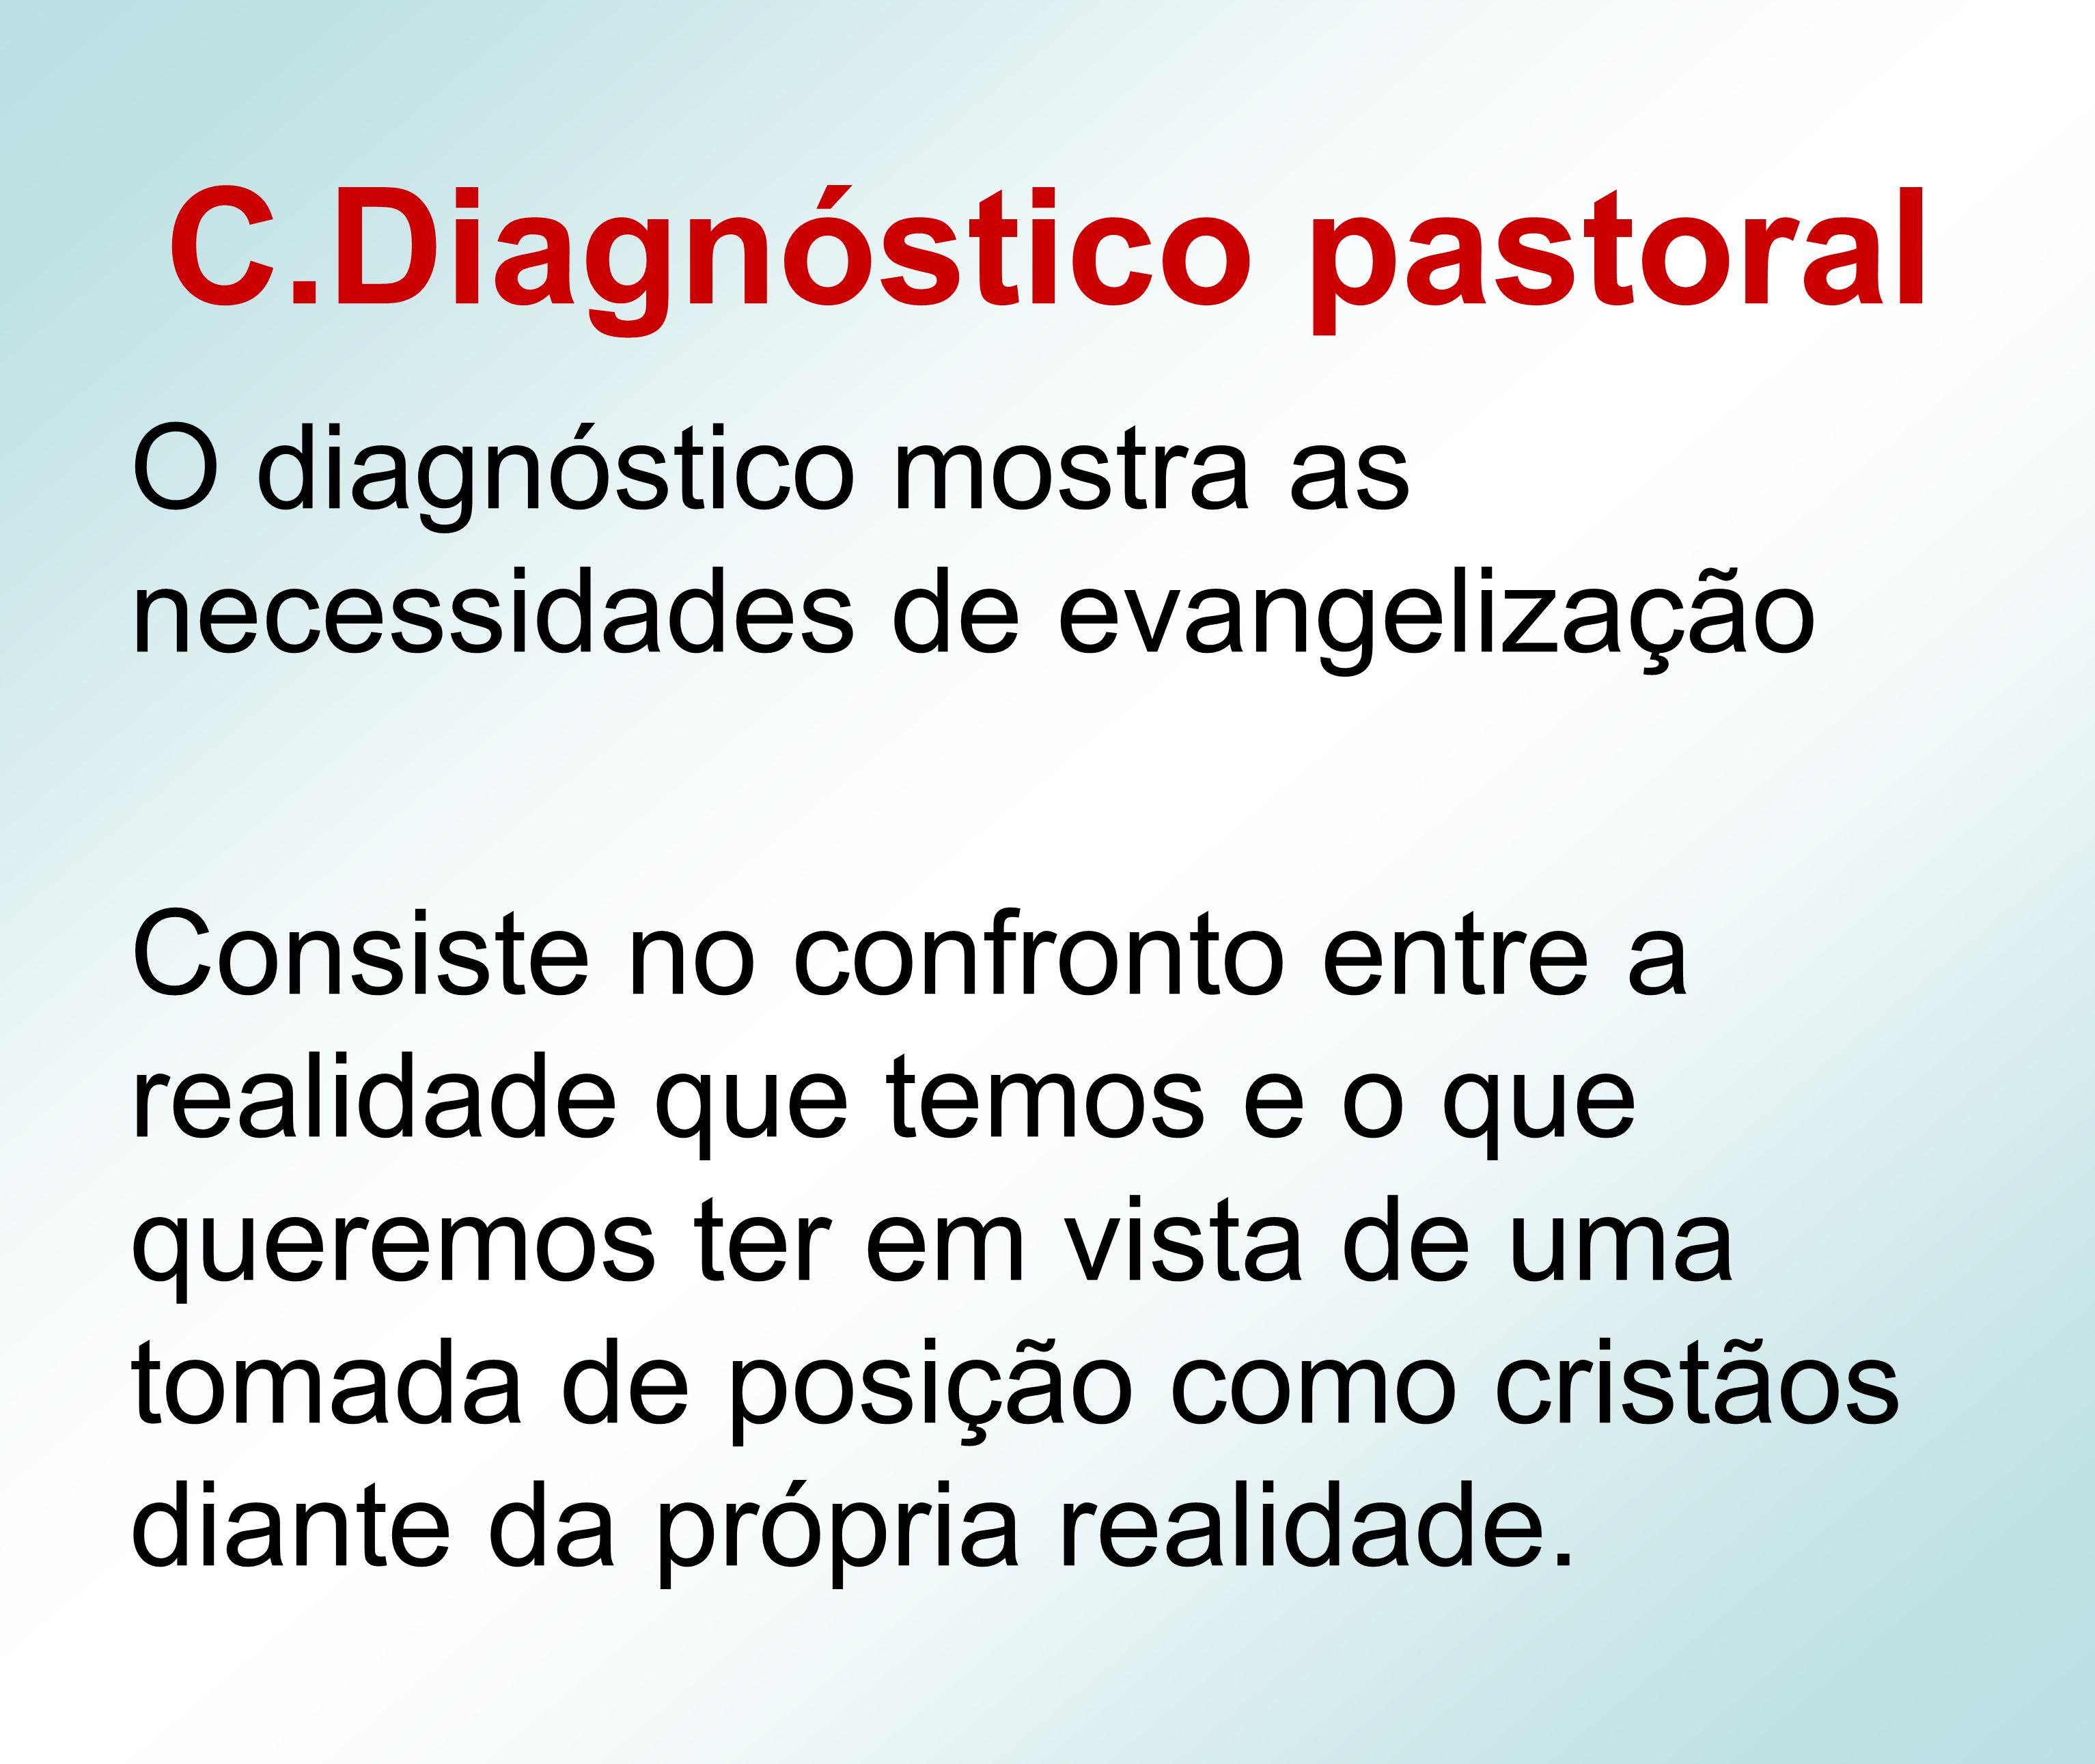 C.Diagnóstico pastoral O diagnóstico mostra as necessidades de evangelização Consiste no confronto entre a realidade que temos e o que queremos ter em